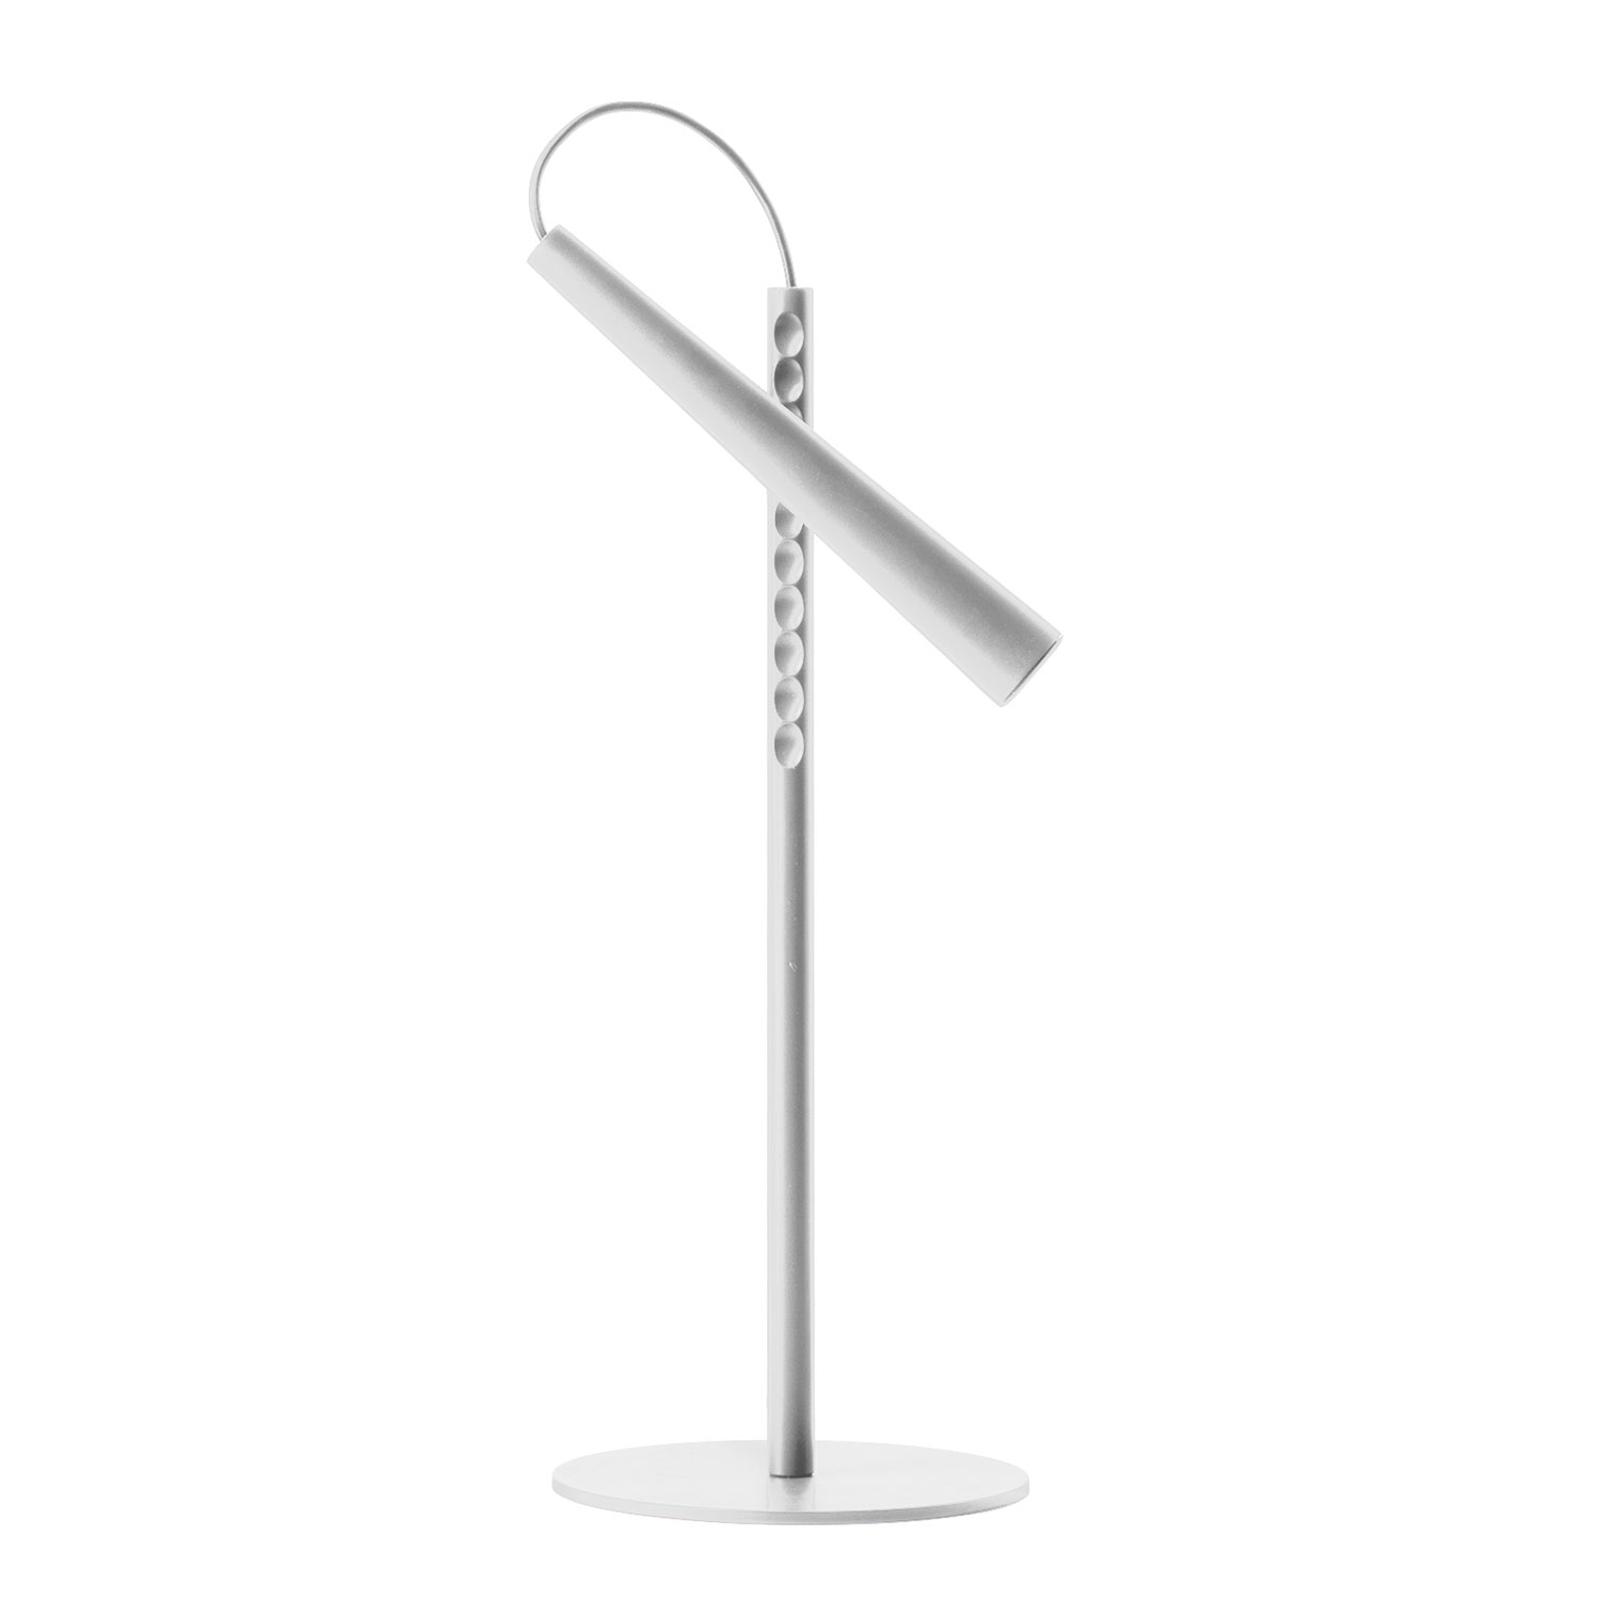 Foscarini Magneto lampada da tavolo LED, bianco